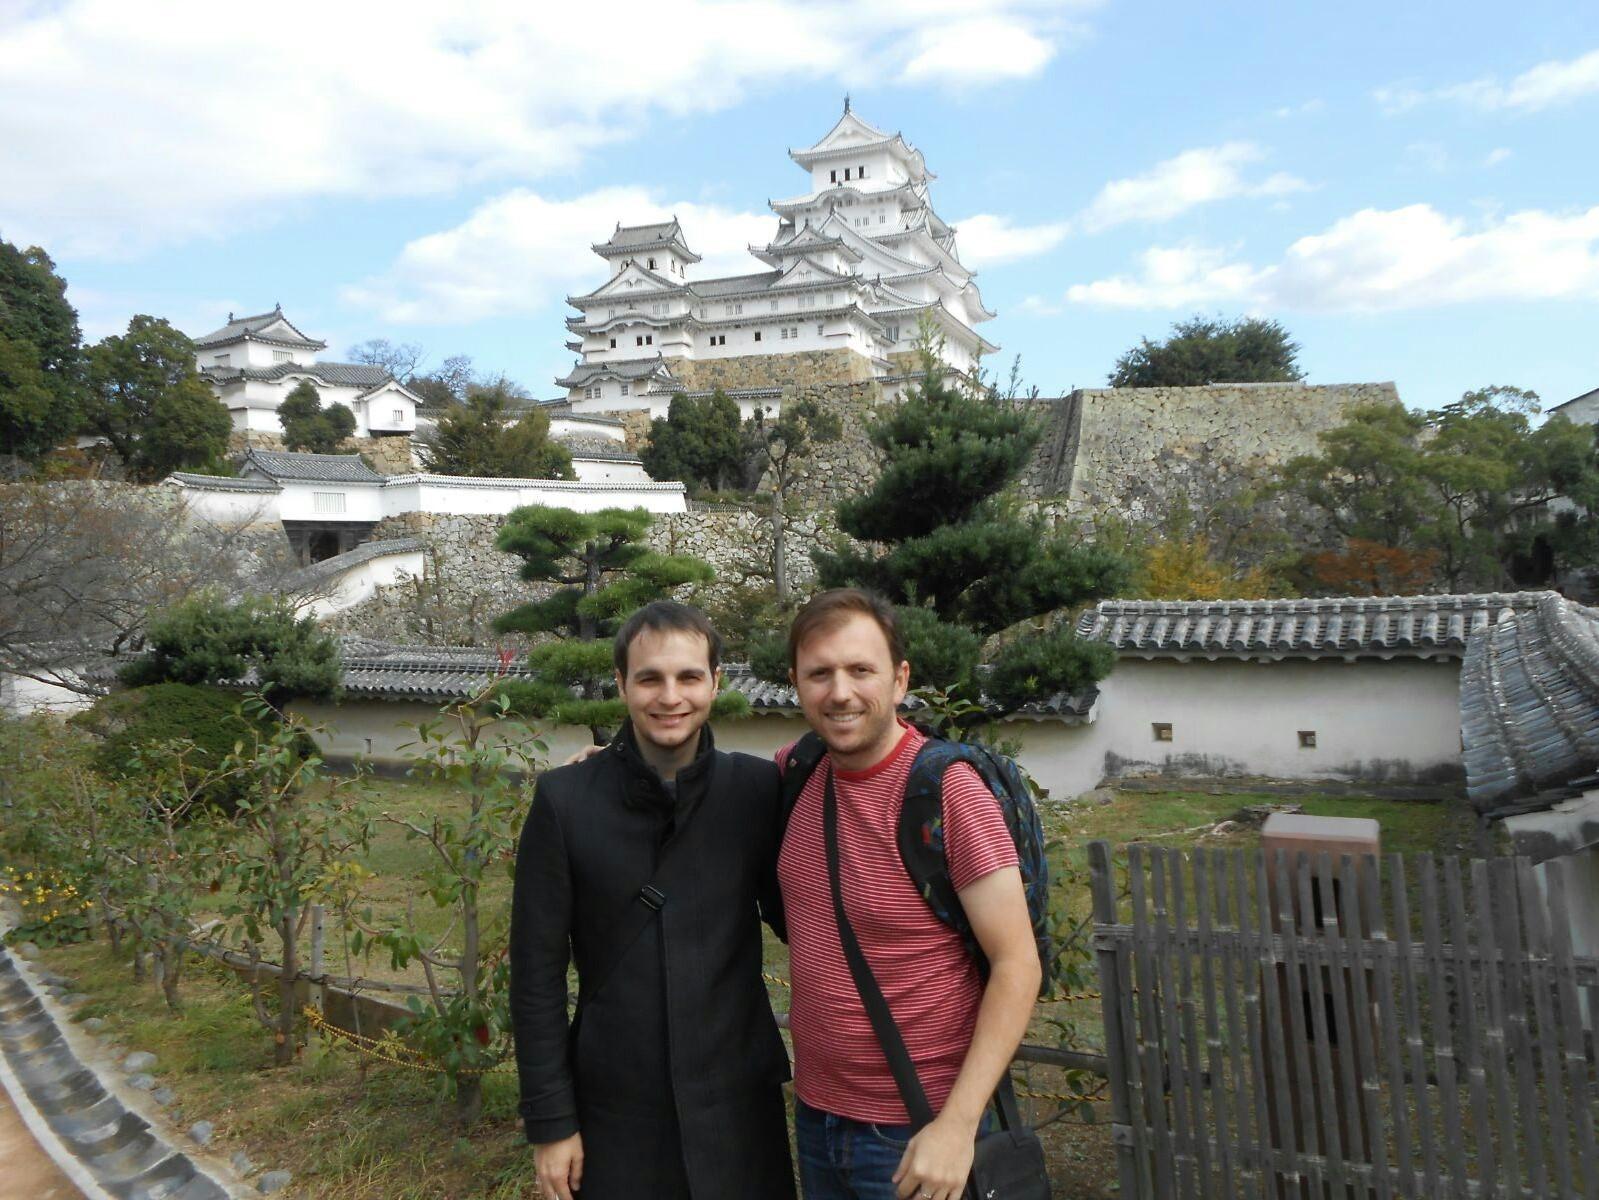 Carlos y Manoo con el Castillo de Himeji al fondo (Japón)